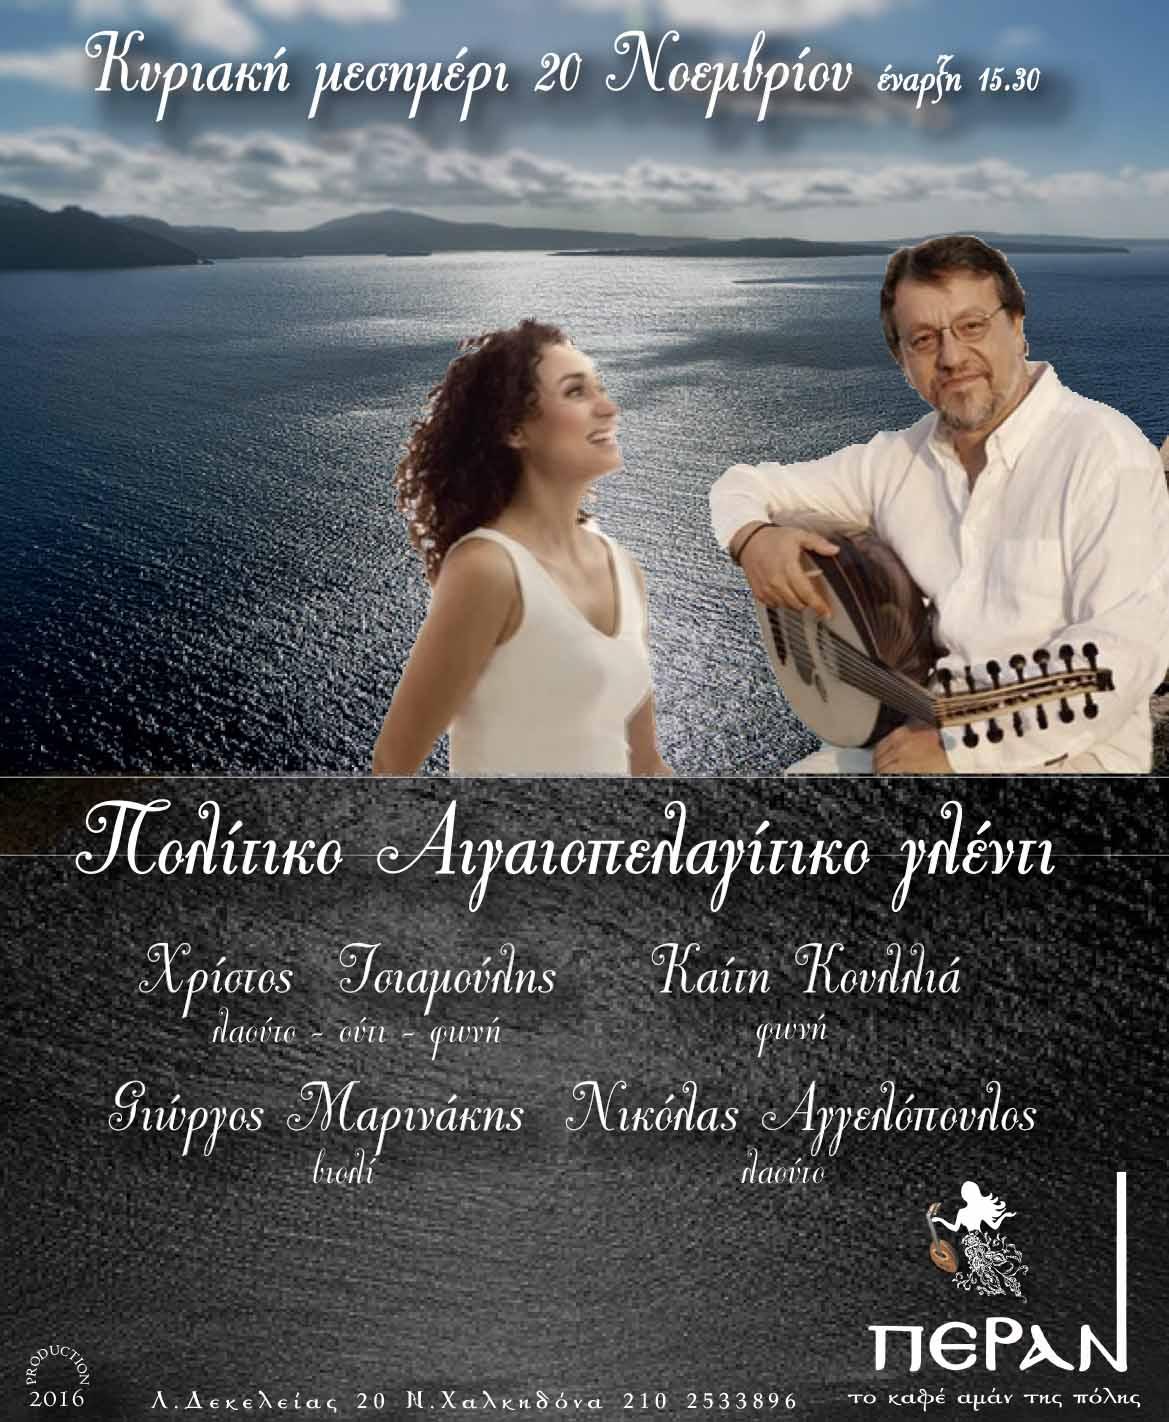 TSIAMOYLIS-KOYLLIA 20-11